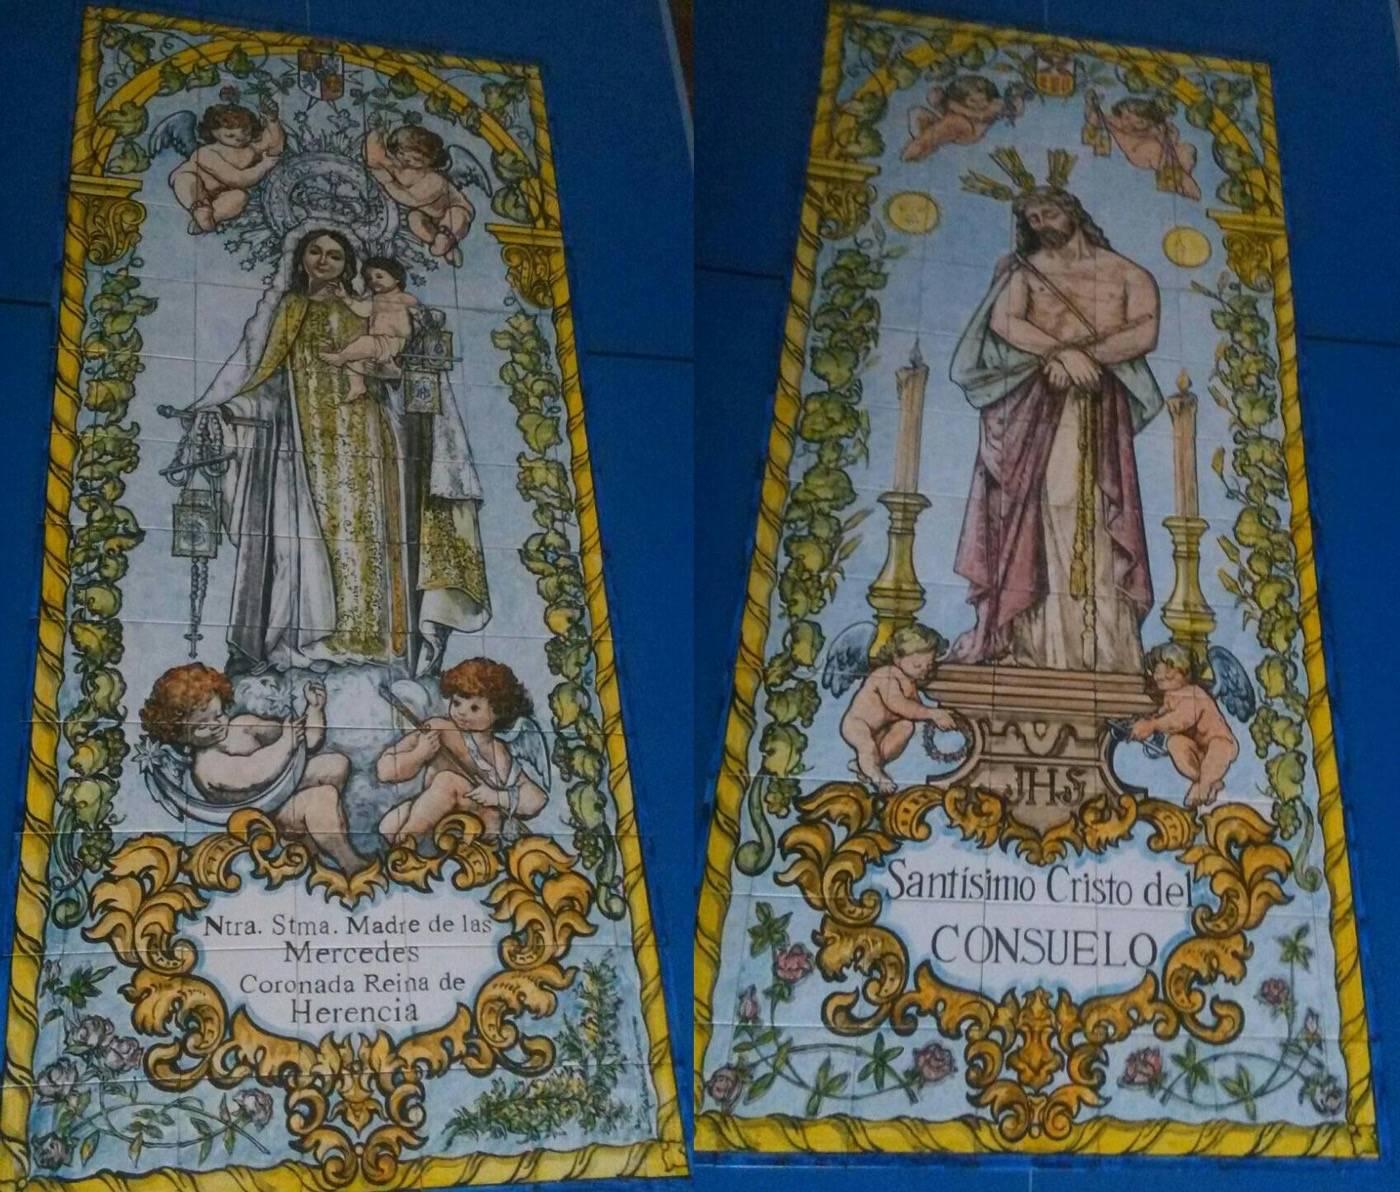 Mosaicos que el Ayuntamiento ya tenía preparados para sustituir las placas de la fachada del Convento de Herencia